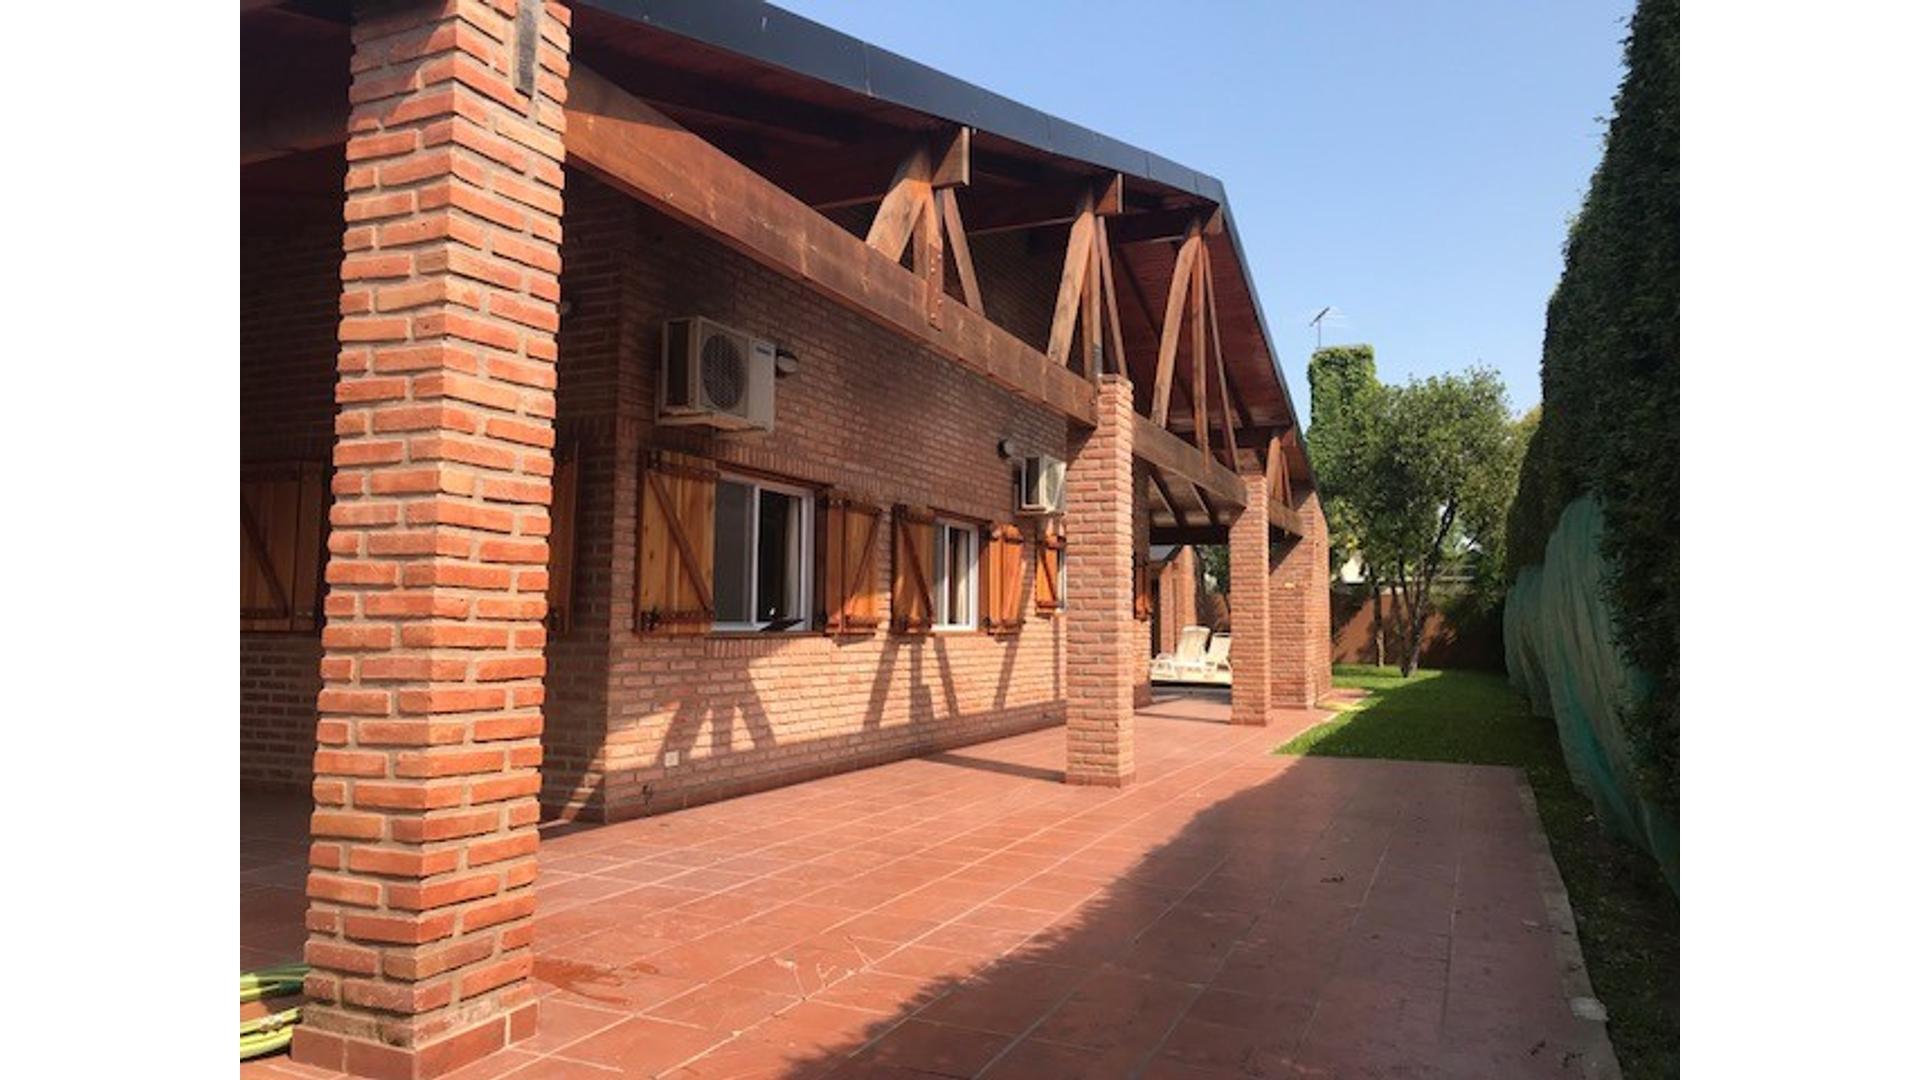 APTA A CRÉDITO!! Excelente Casa en Venta en Altos del Barranco